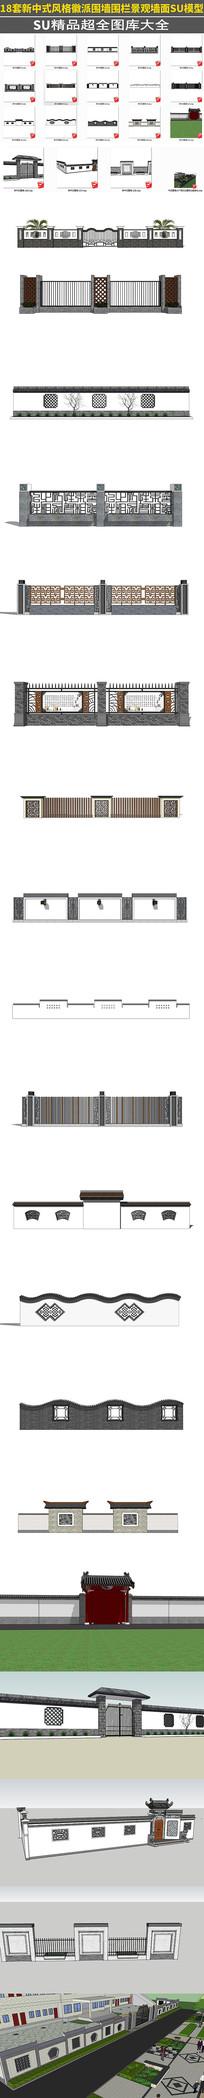 新中式风格徽派围墙围栏景观墙面SU模型